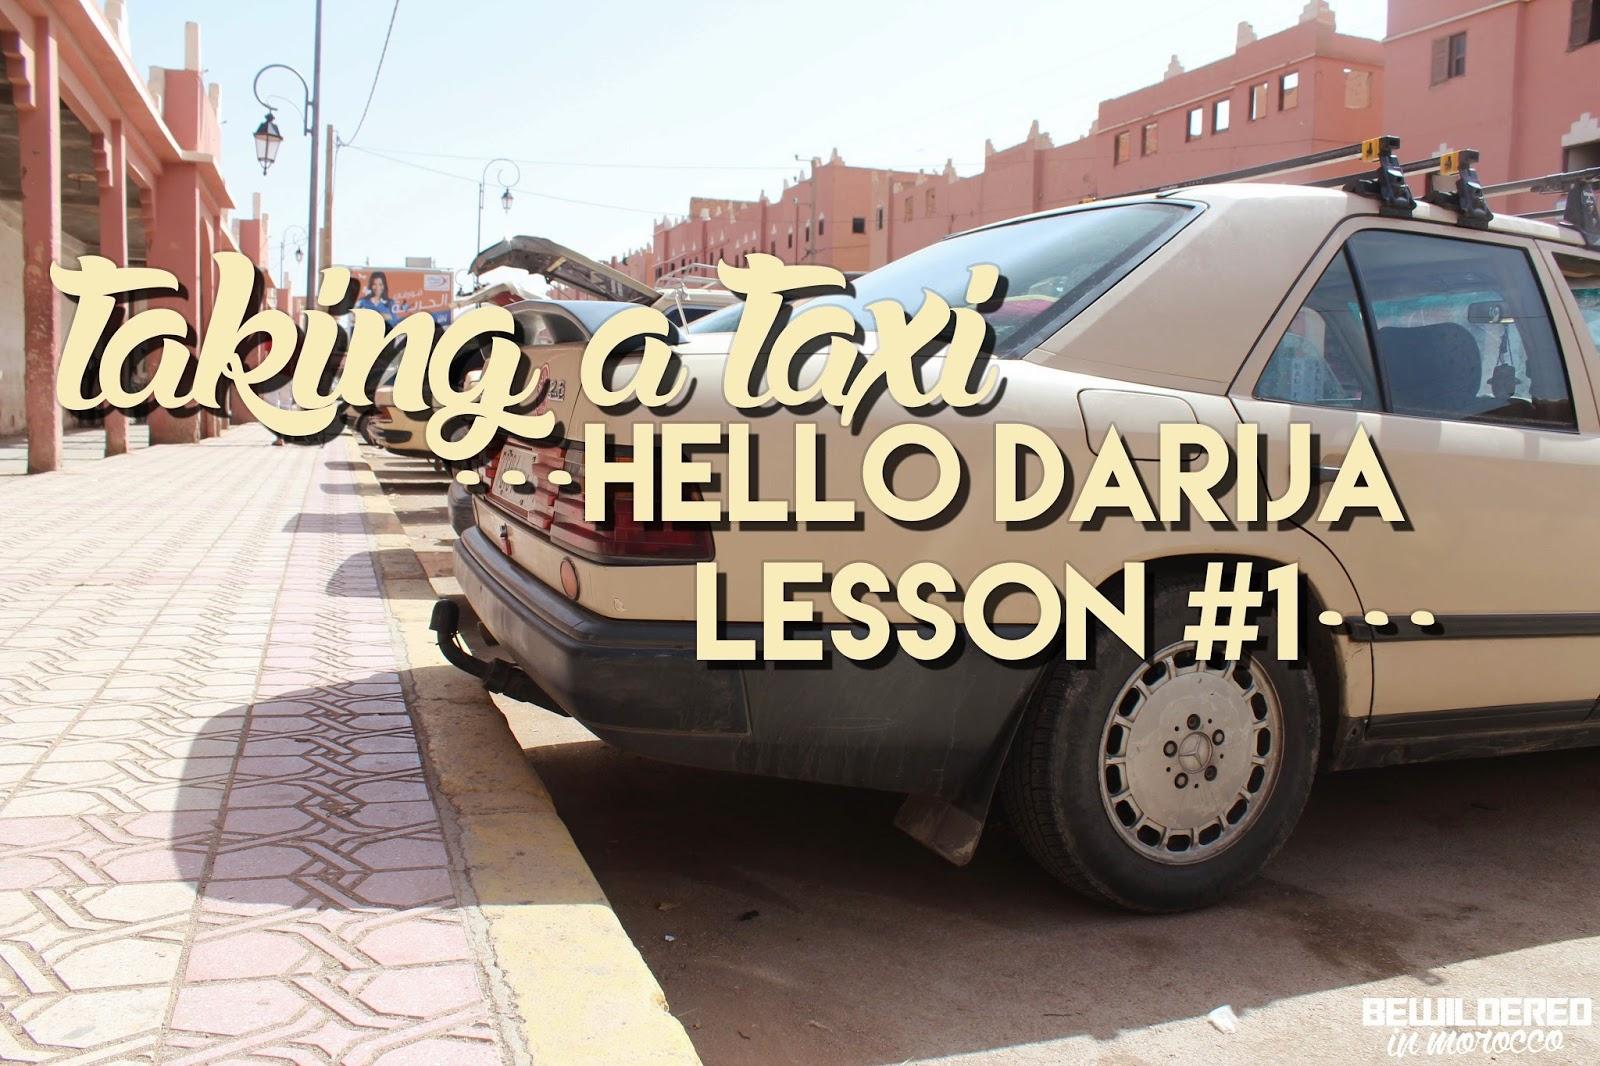 Hello Darija! Lesson #1 – Taking a Taxi